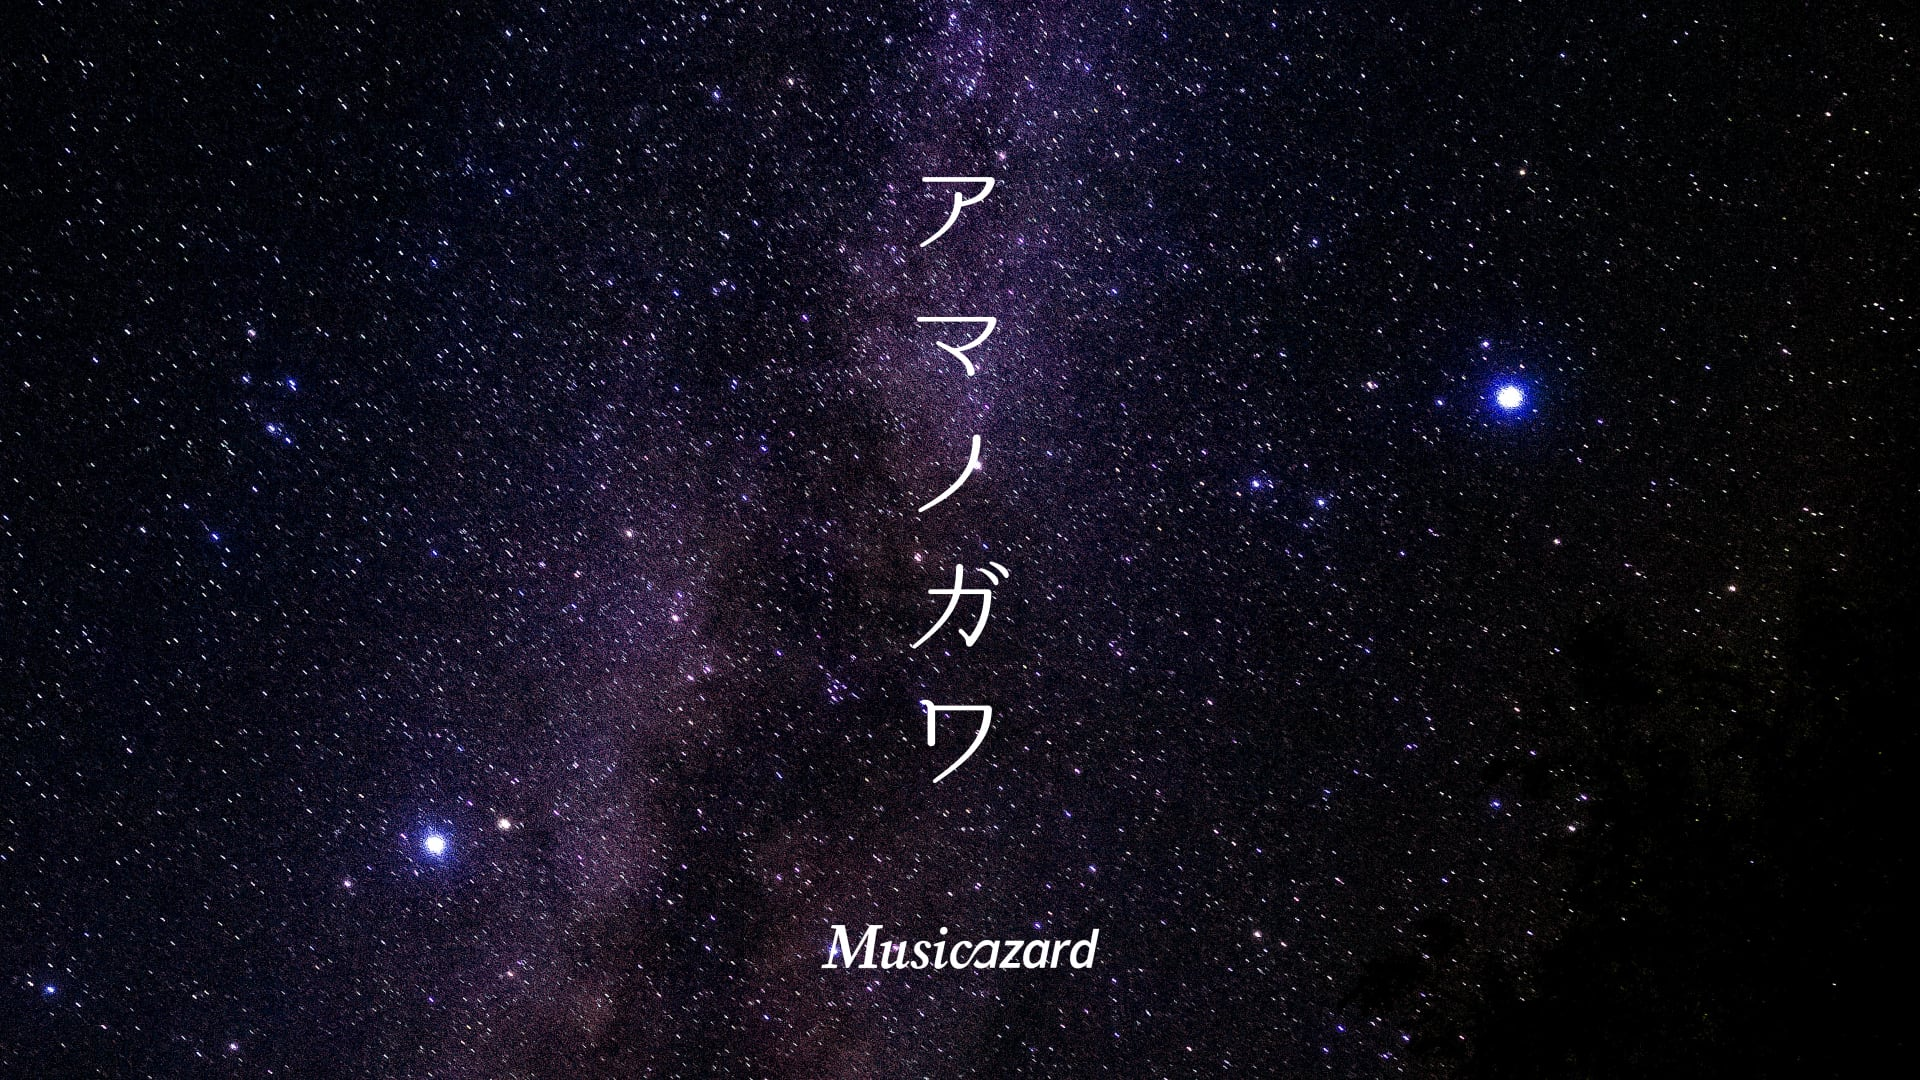 ムジカザード 歌詞のある器楽曲「アマノガワ」